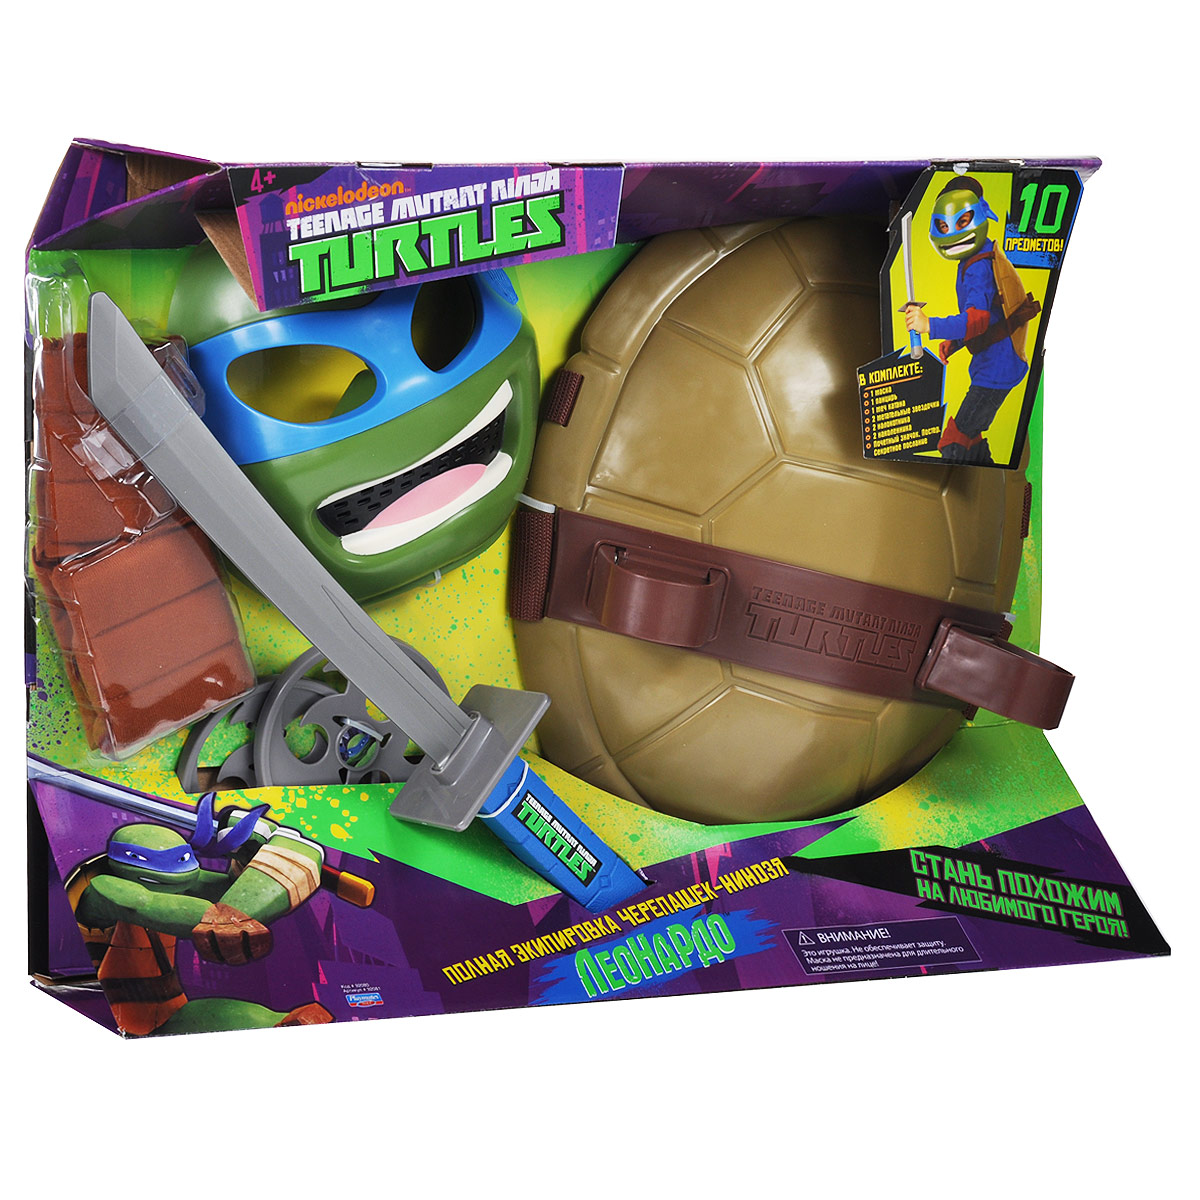 Игровой набор Turtles Боевое снаряжение Черепашки-Ниндзя: Леонардо, 12 предметов игровой набор turtles боевое снаряжение черепашки ниндзя микеланджело 4 предмета